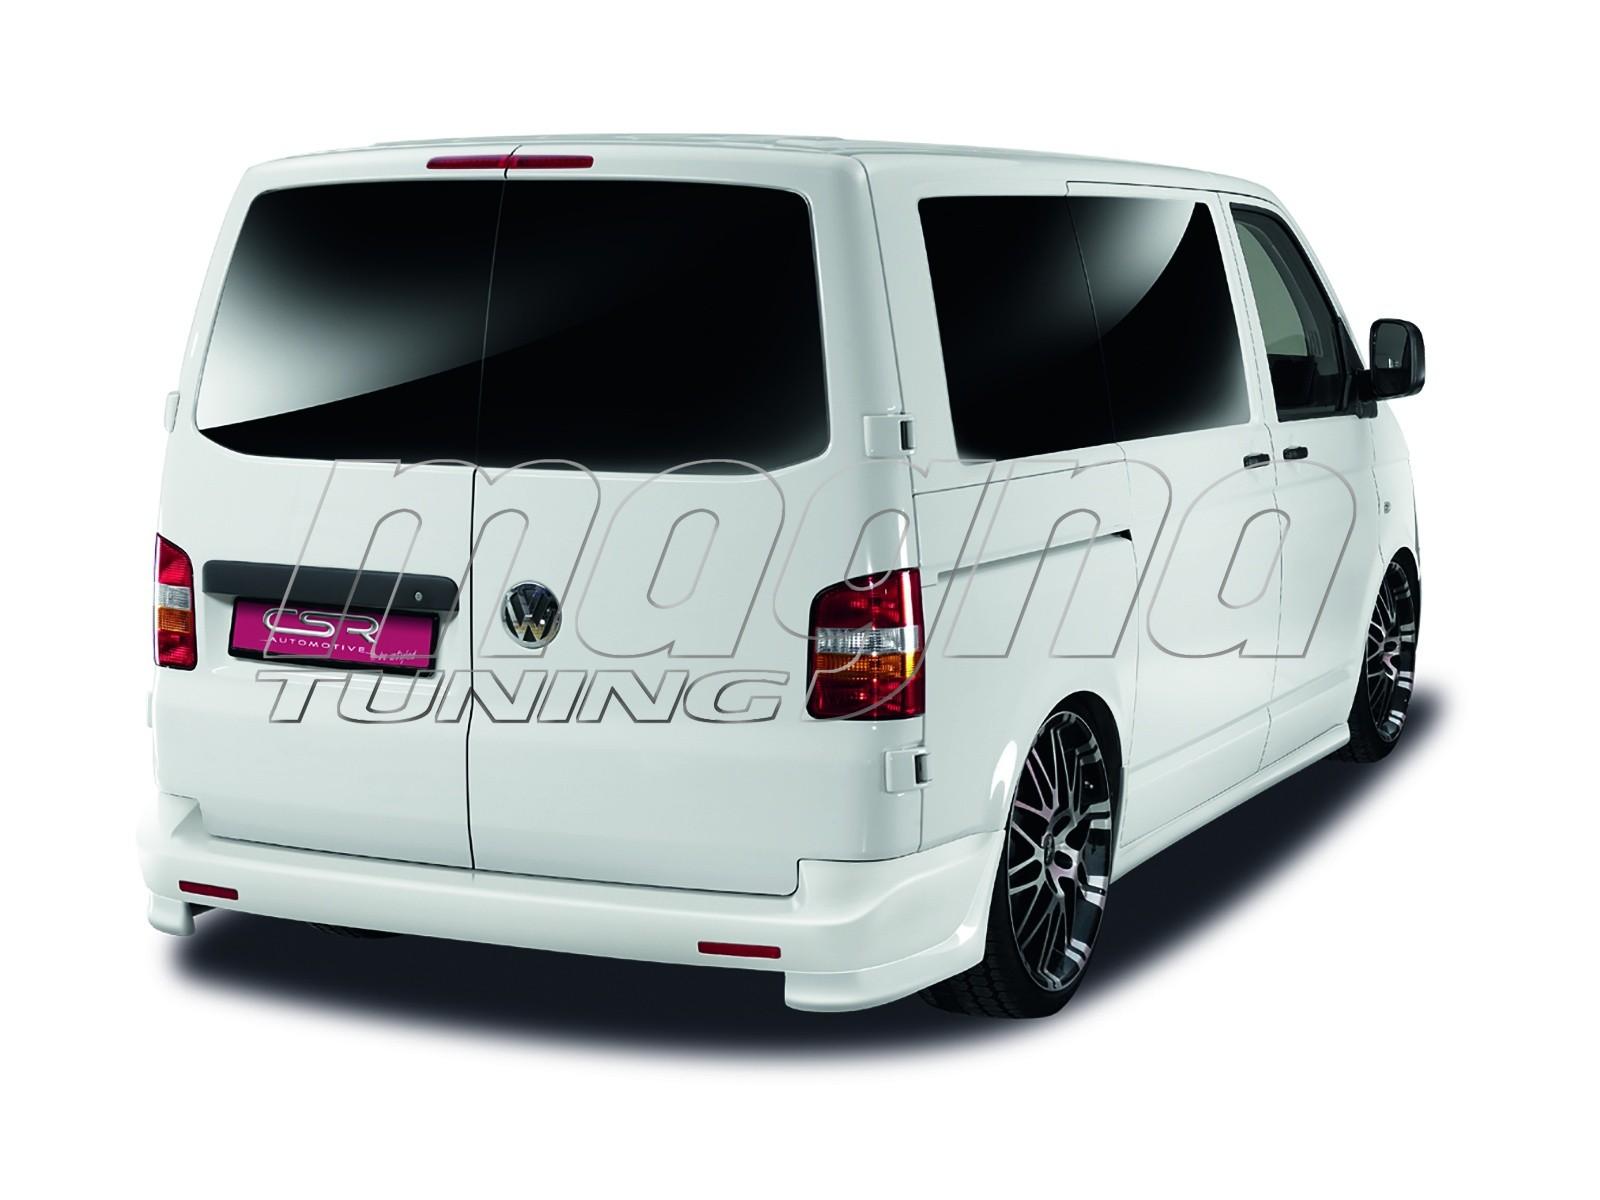 vw transporter t5 facelift newline body kit. Black Bedroom Furniture Sets. Home Design Ideas